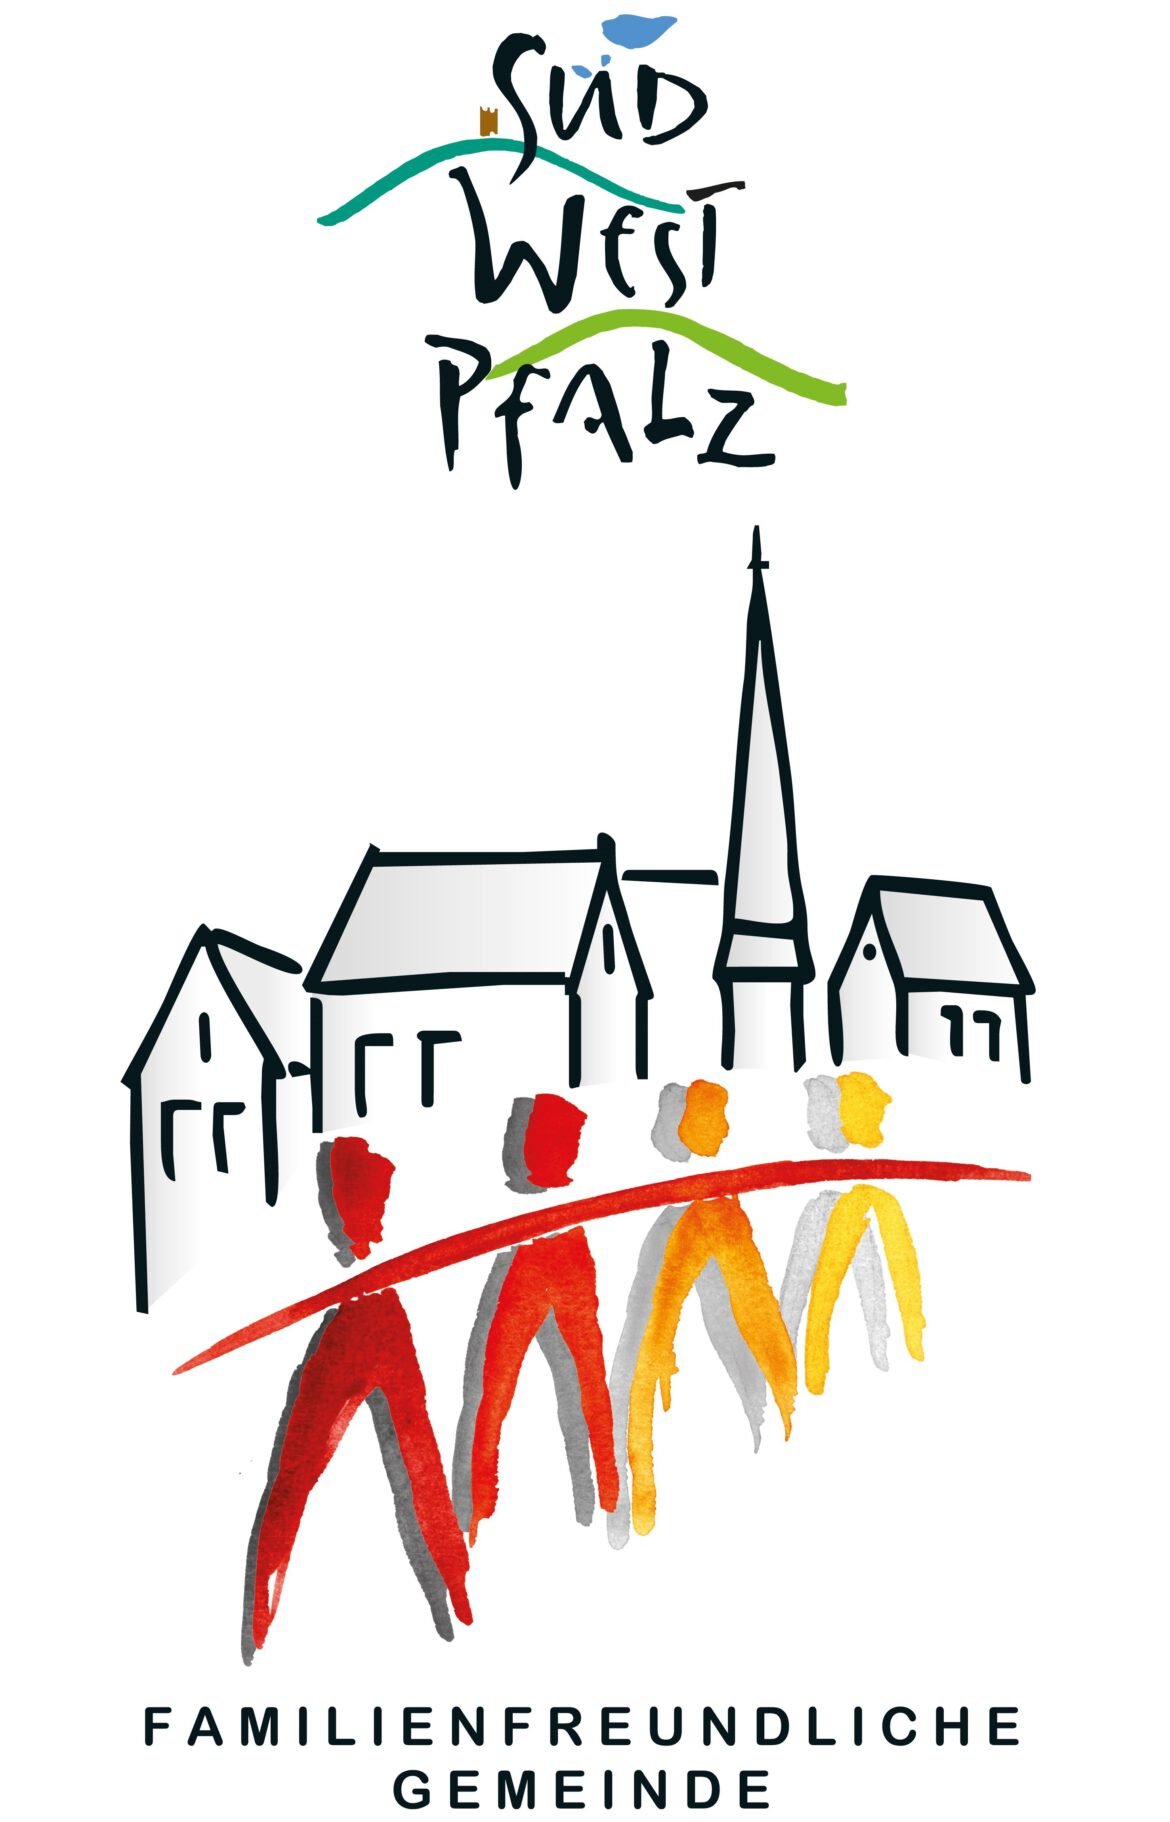 Landkreis Südwestpfalz.Wettbewerb Familienfreundliche Gemeinde